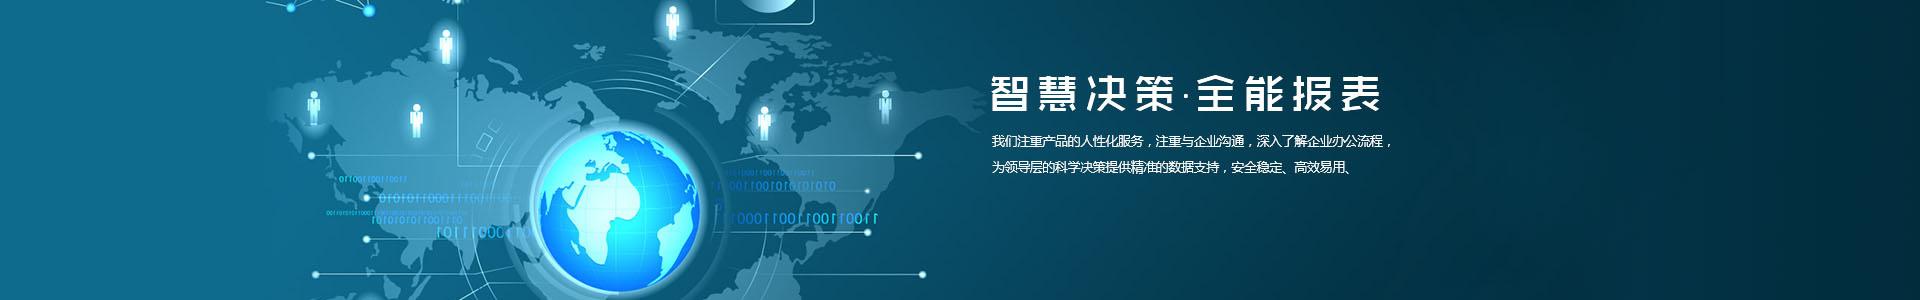 咸阳财务软件公司介绍